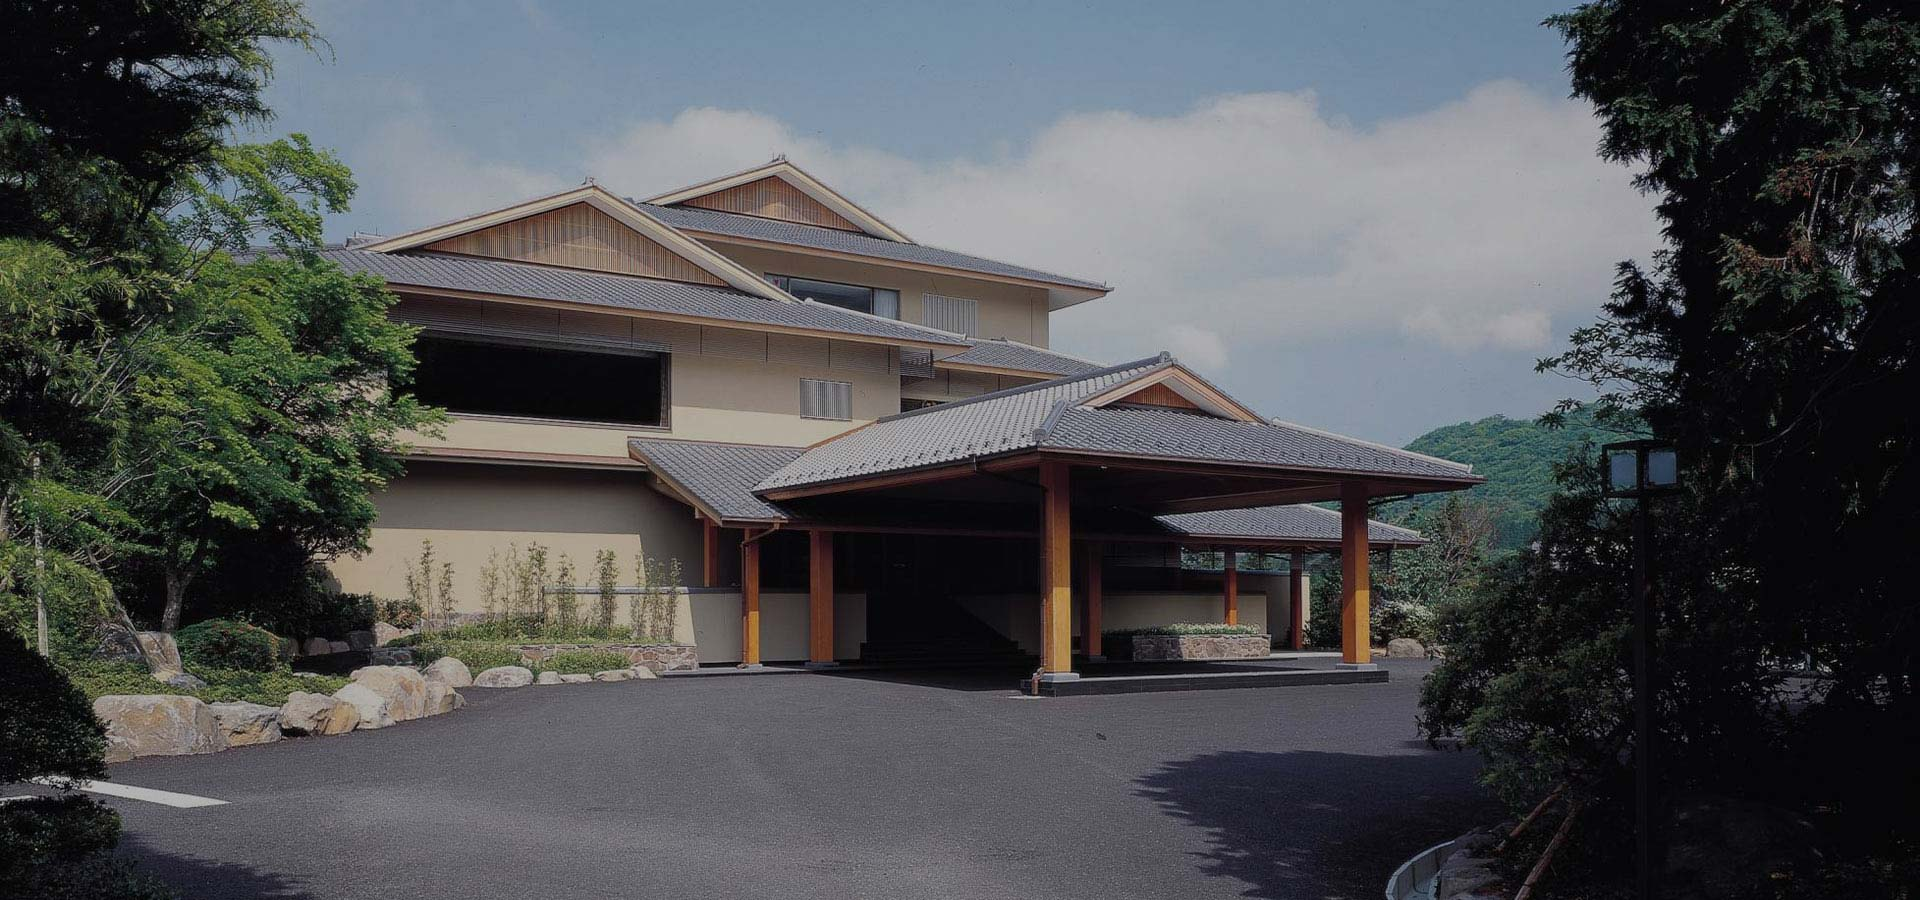 龙宫殿(旅馆)